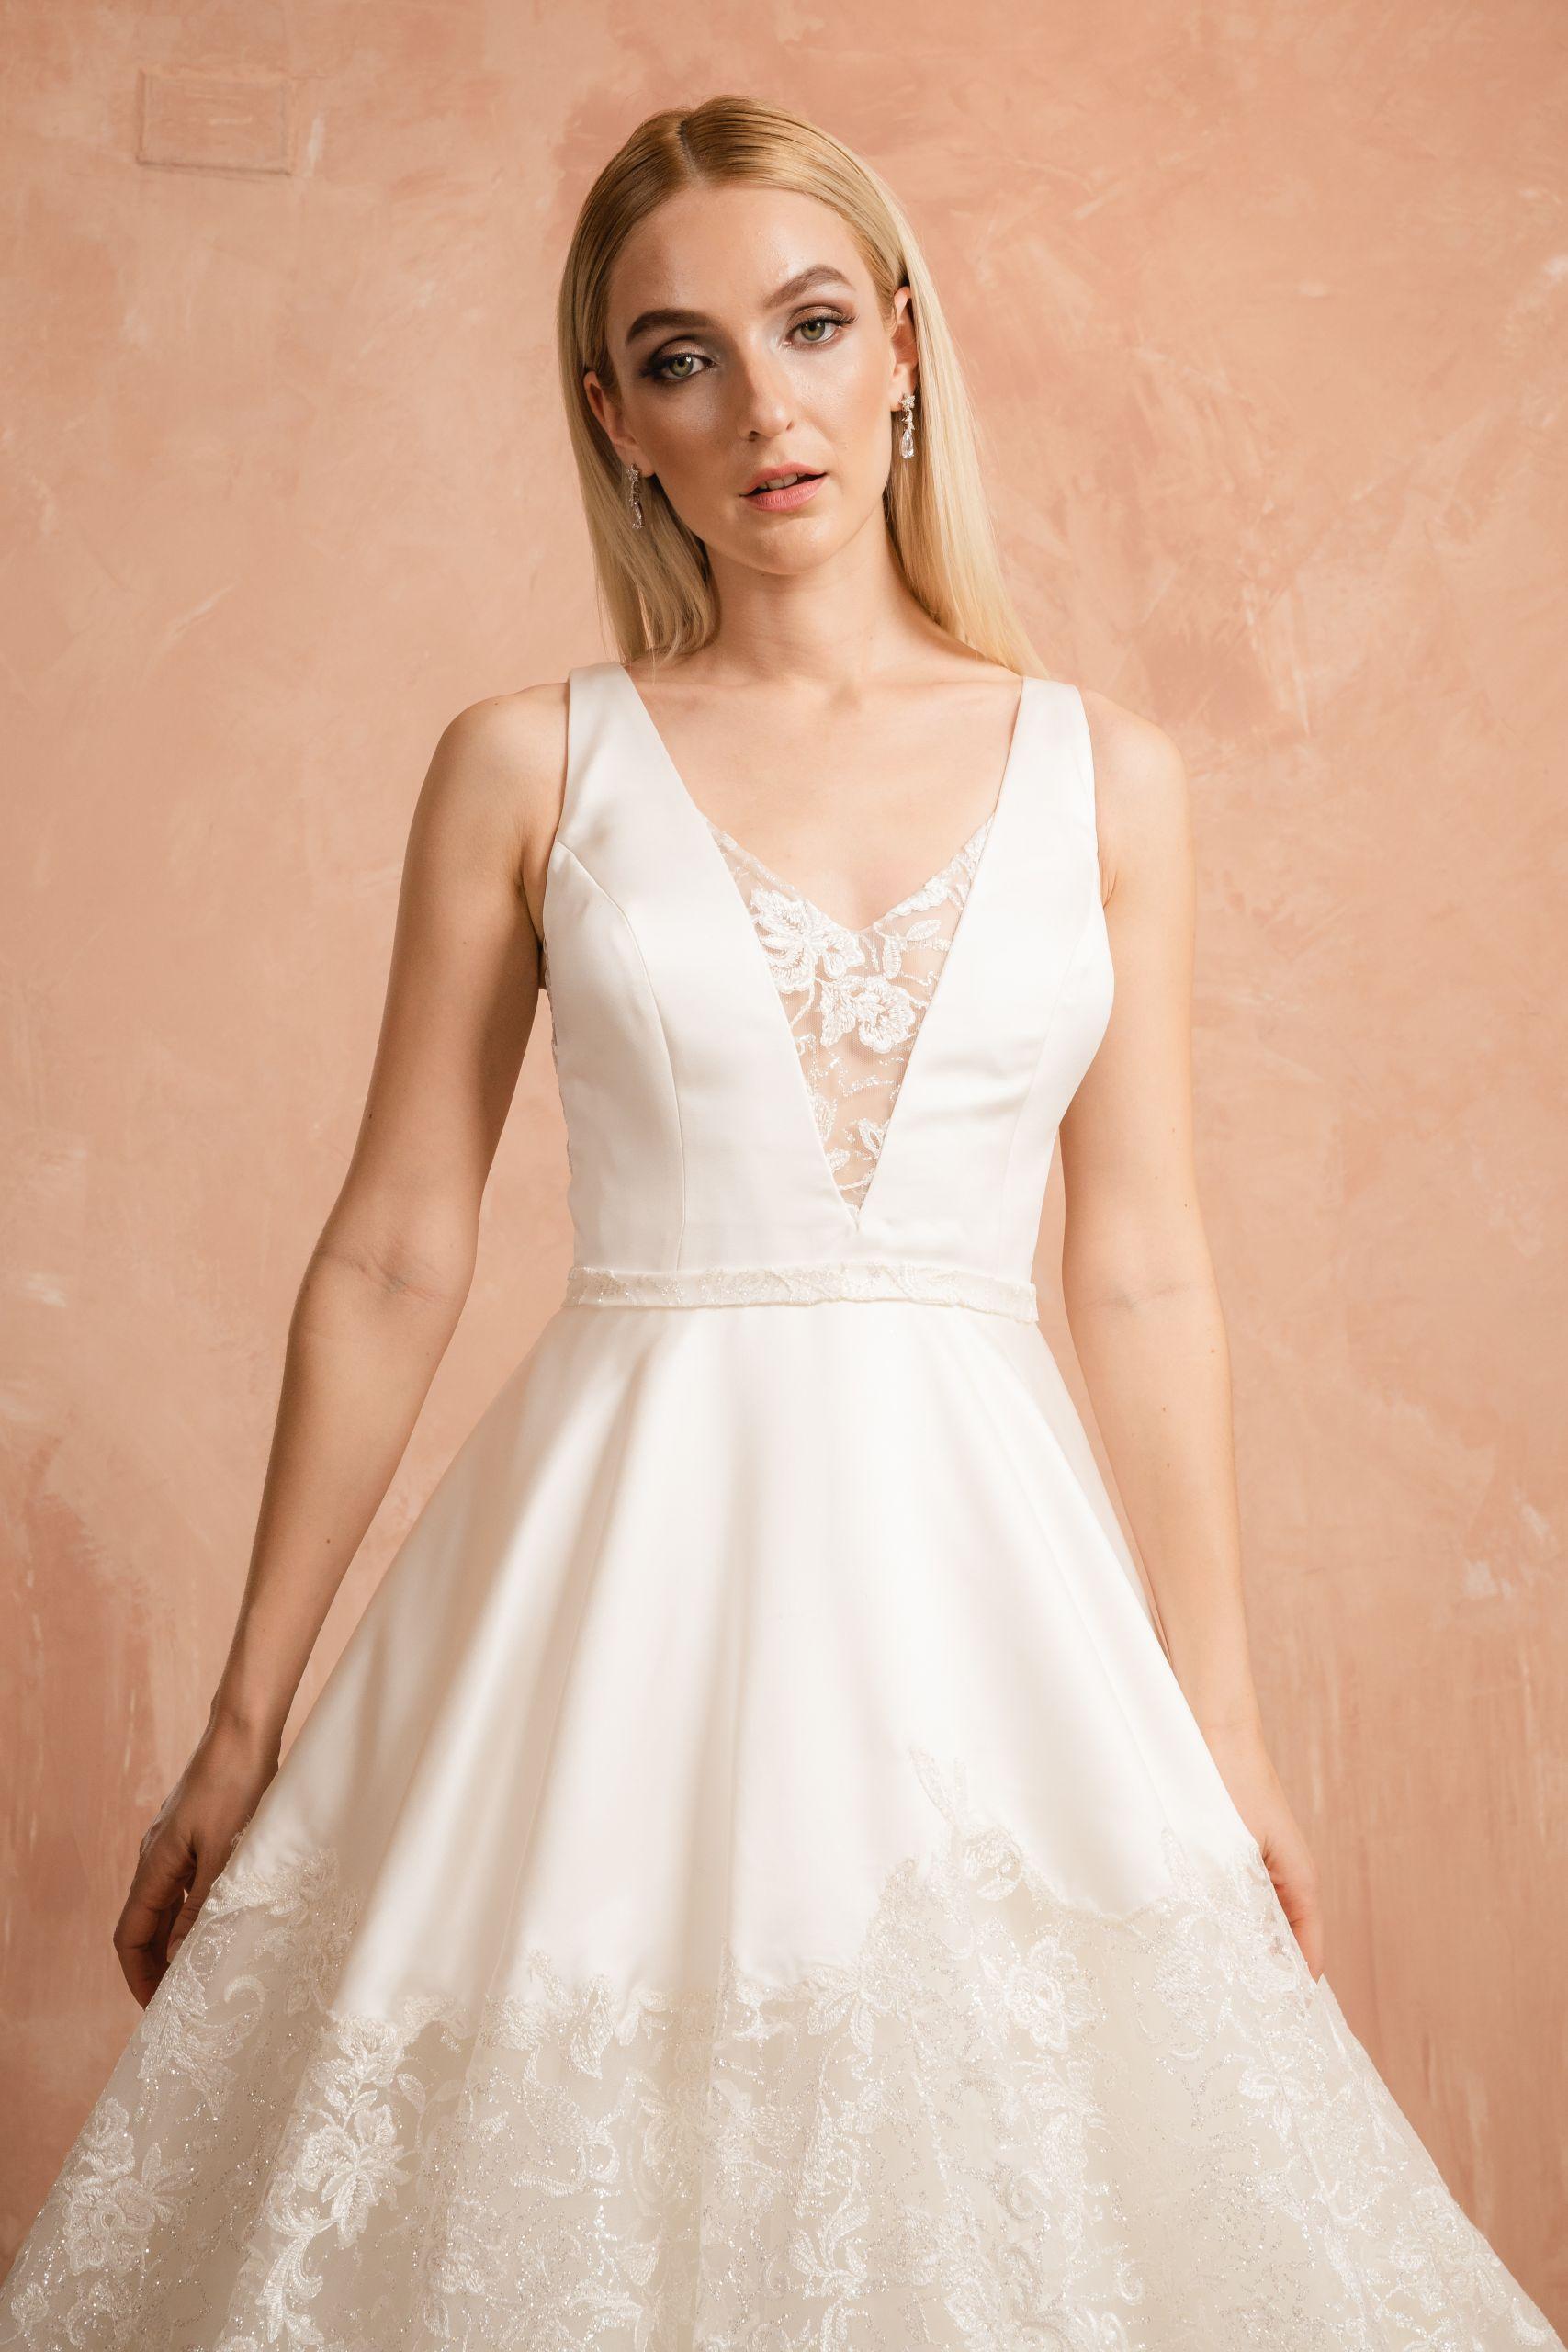 Wedding Gowns San Diego  Wedding Gowns San Diego Jana Ann Couture